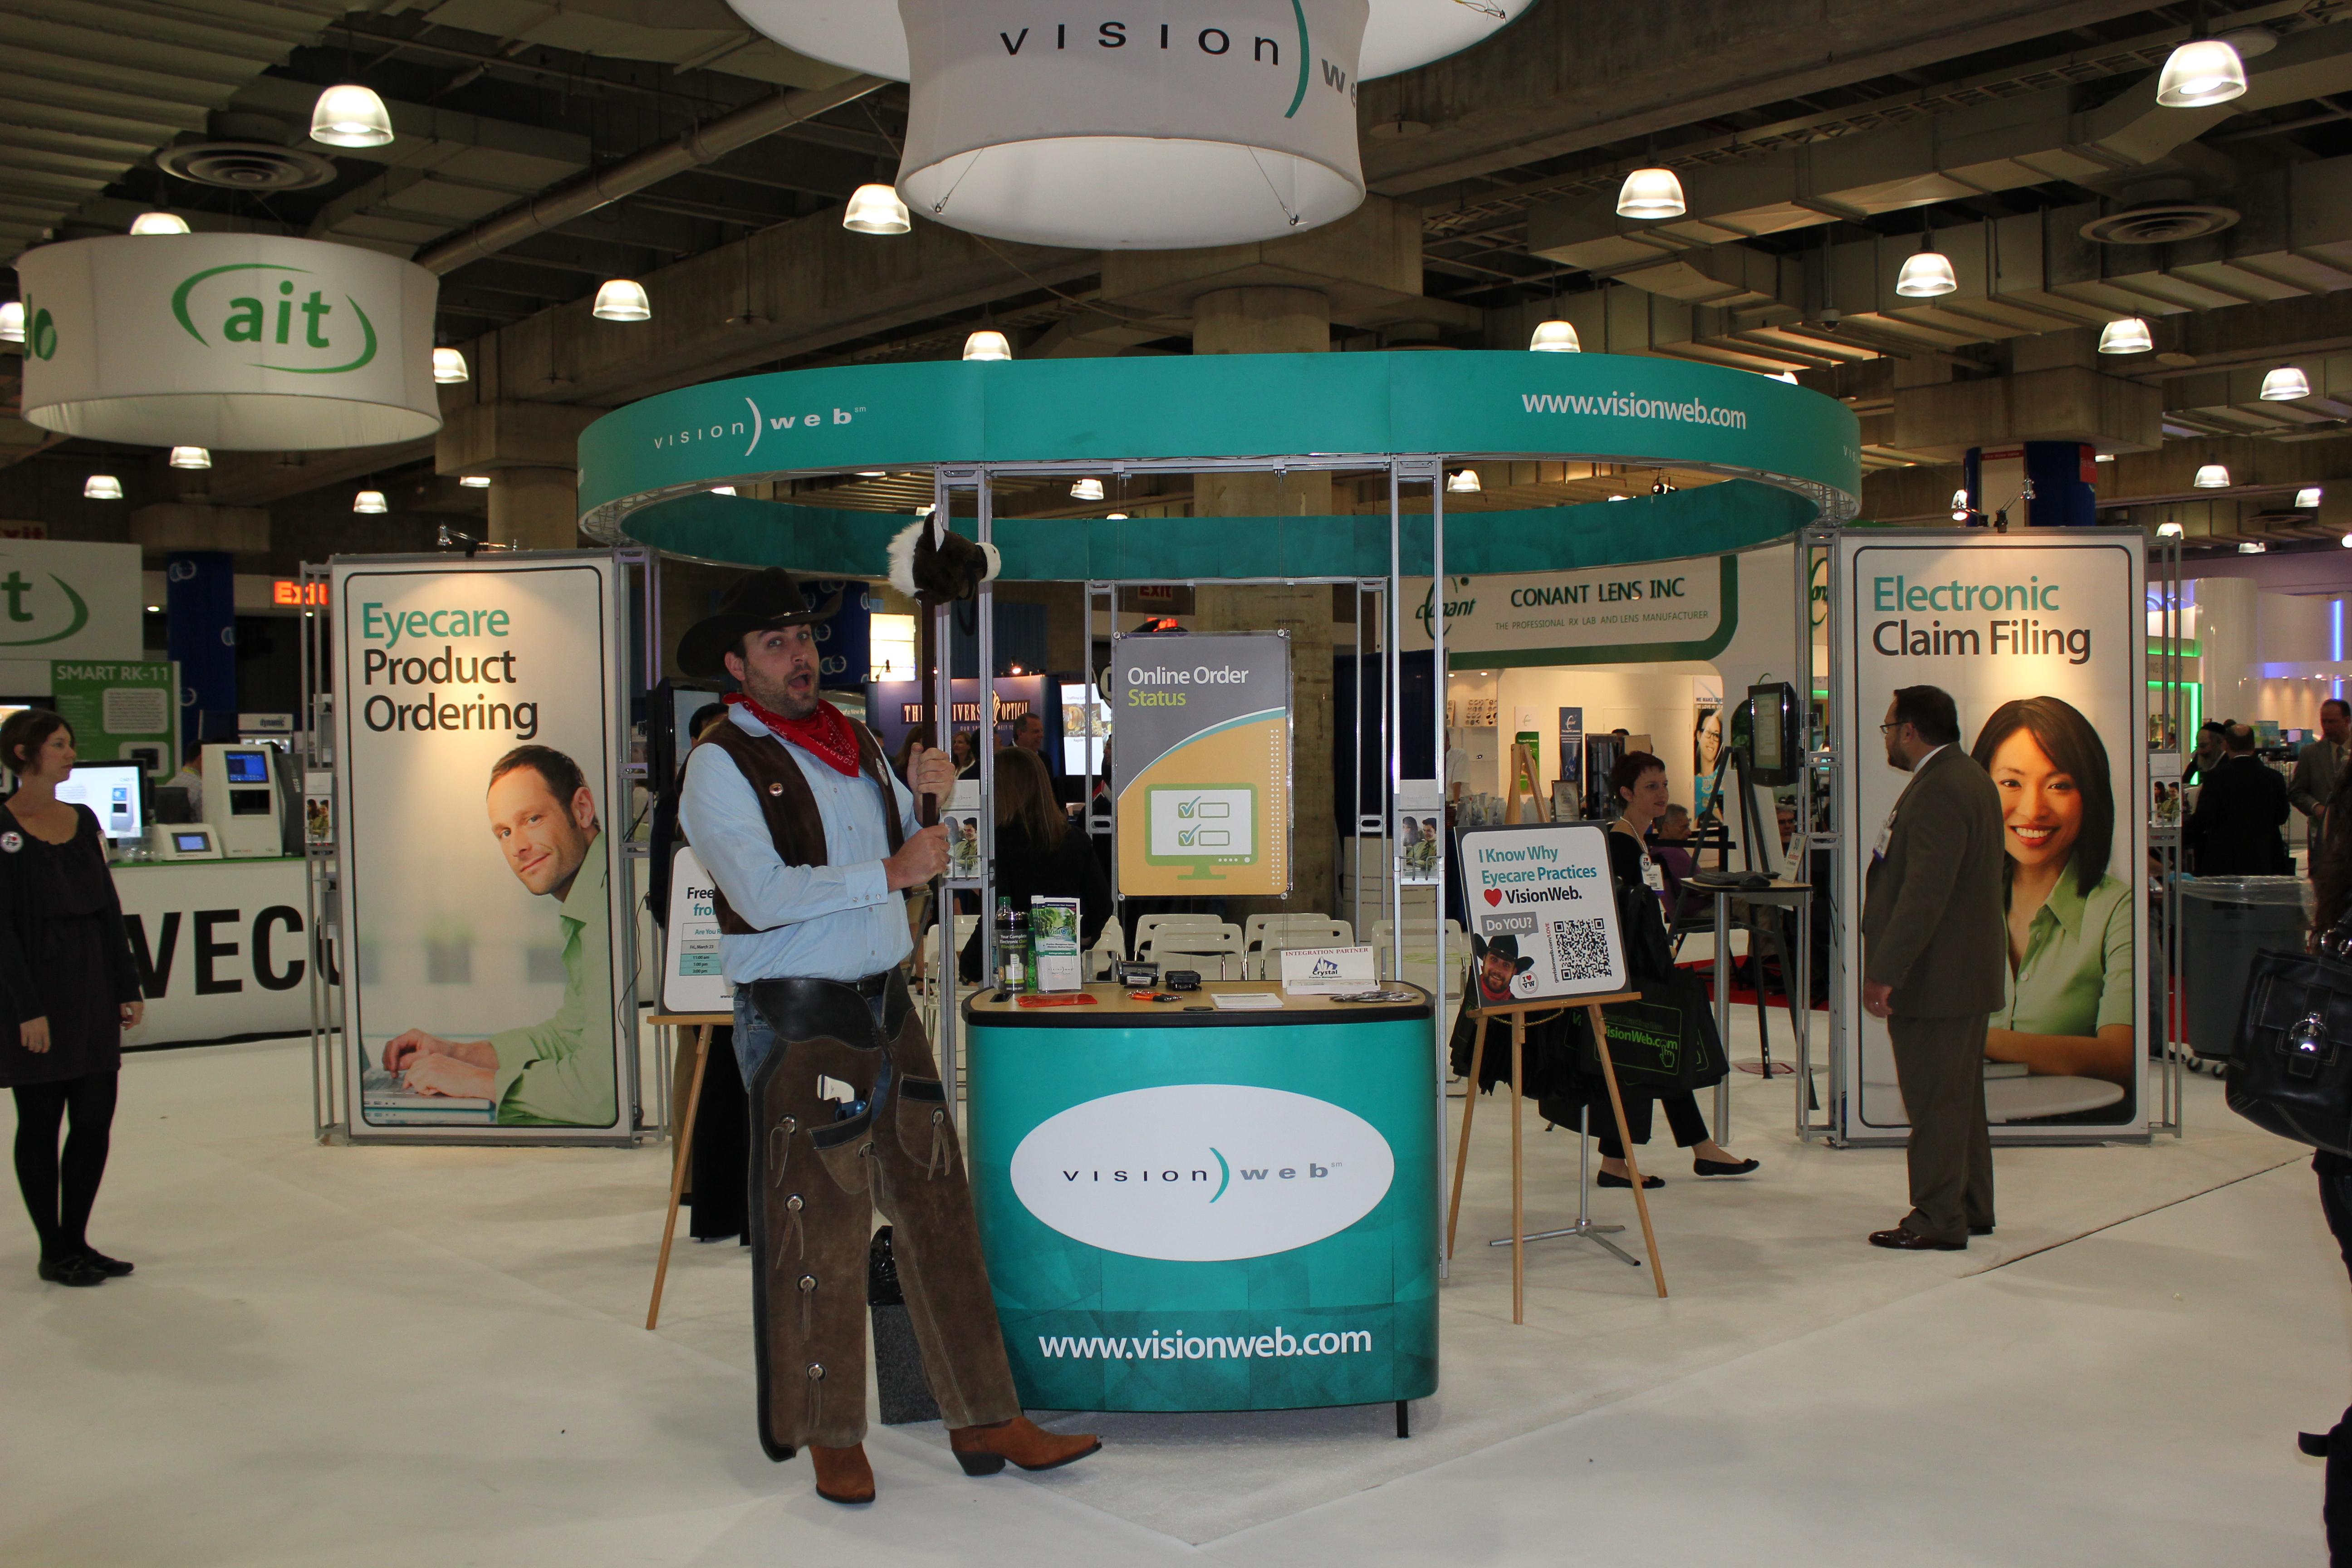 visionweb-vision-expo-east-2012